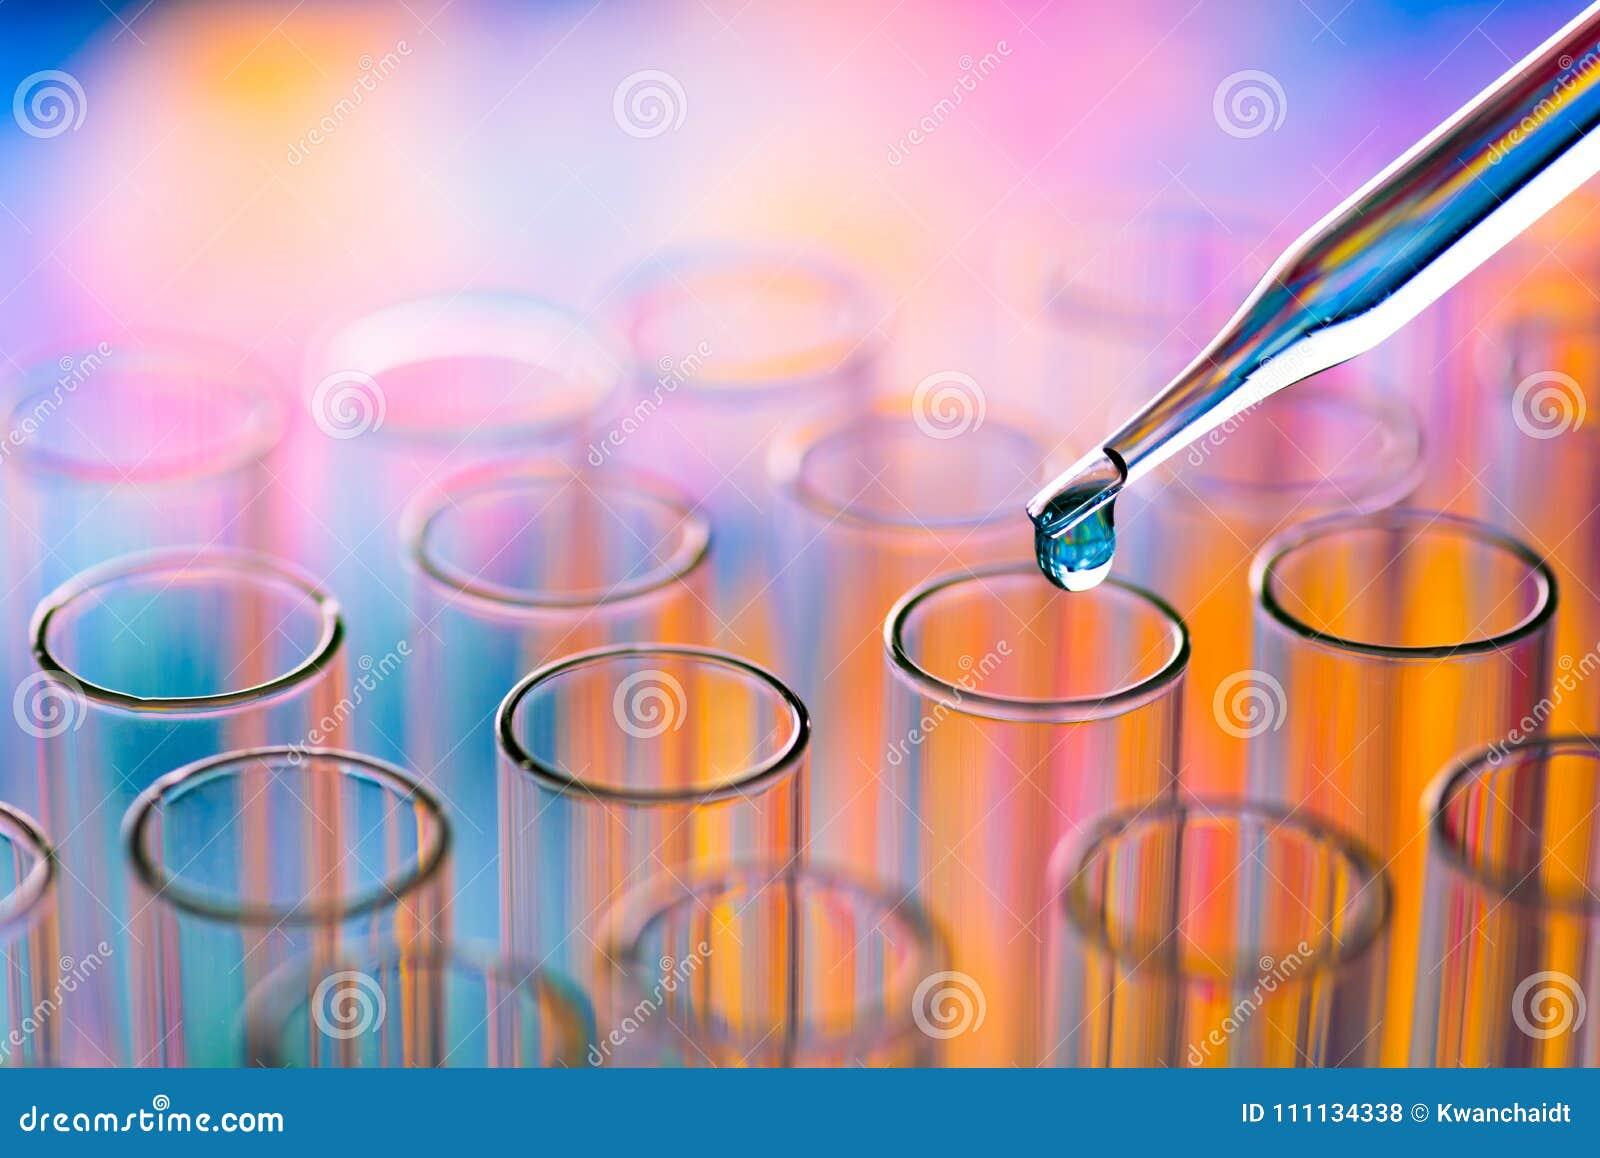 Tubos de ensayo del laboratorio de ciencia, equipo de laboratorio para la investigación nuevo m